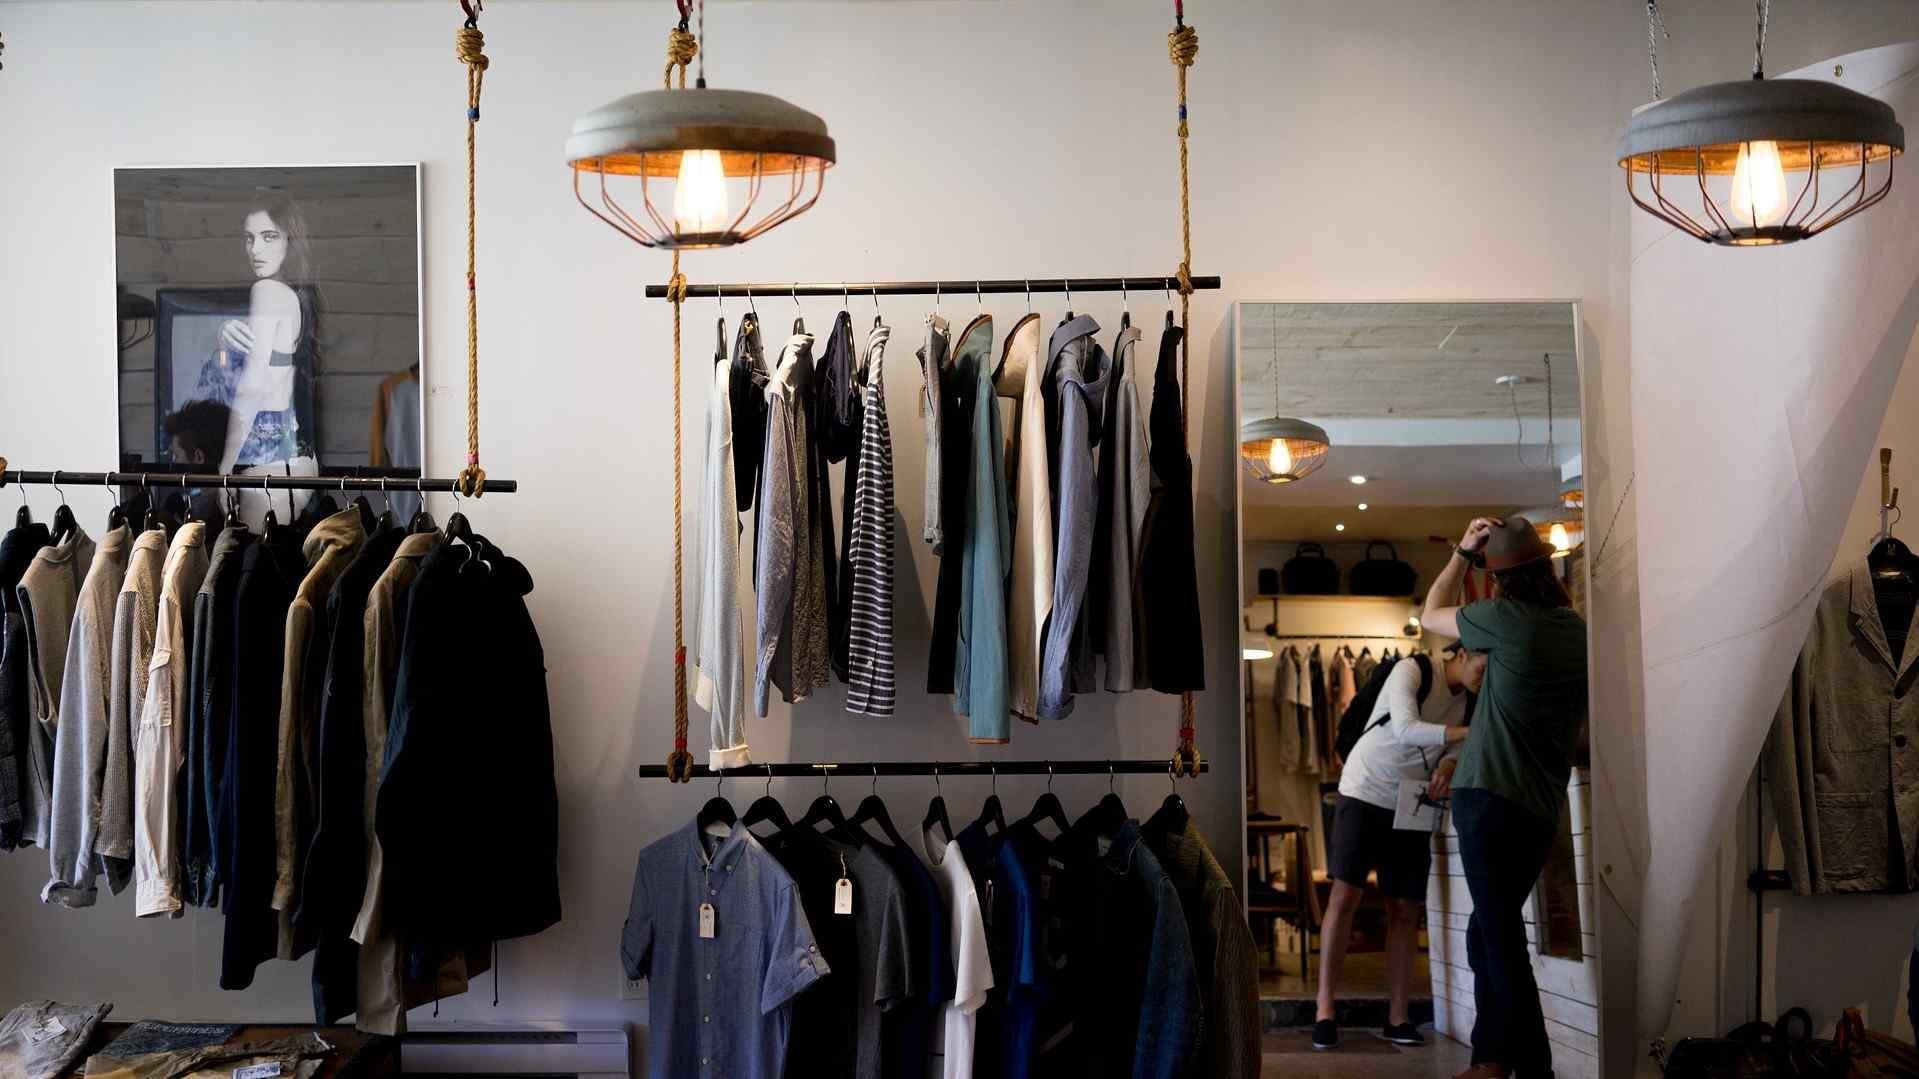 f1a68b03d Empreendendo  dicas para montar uma loja de roupas - Empreendedor Media